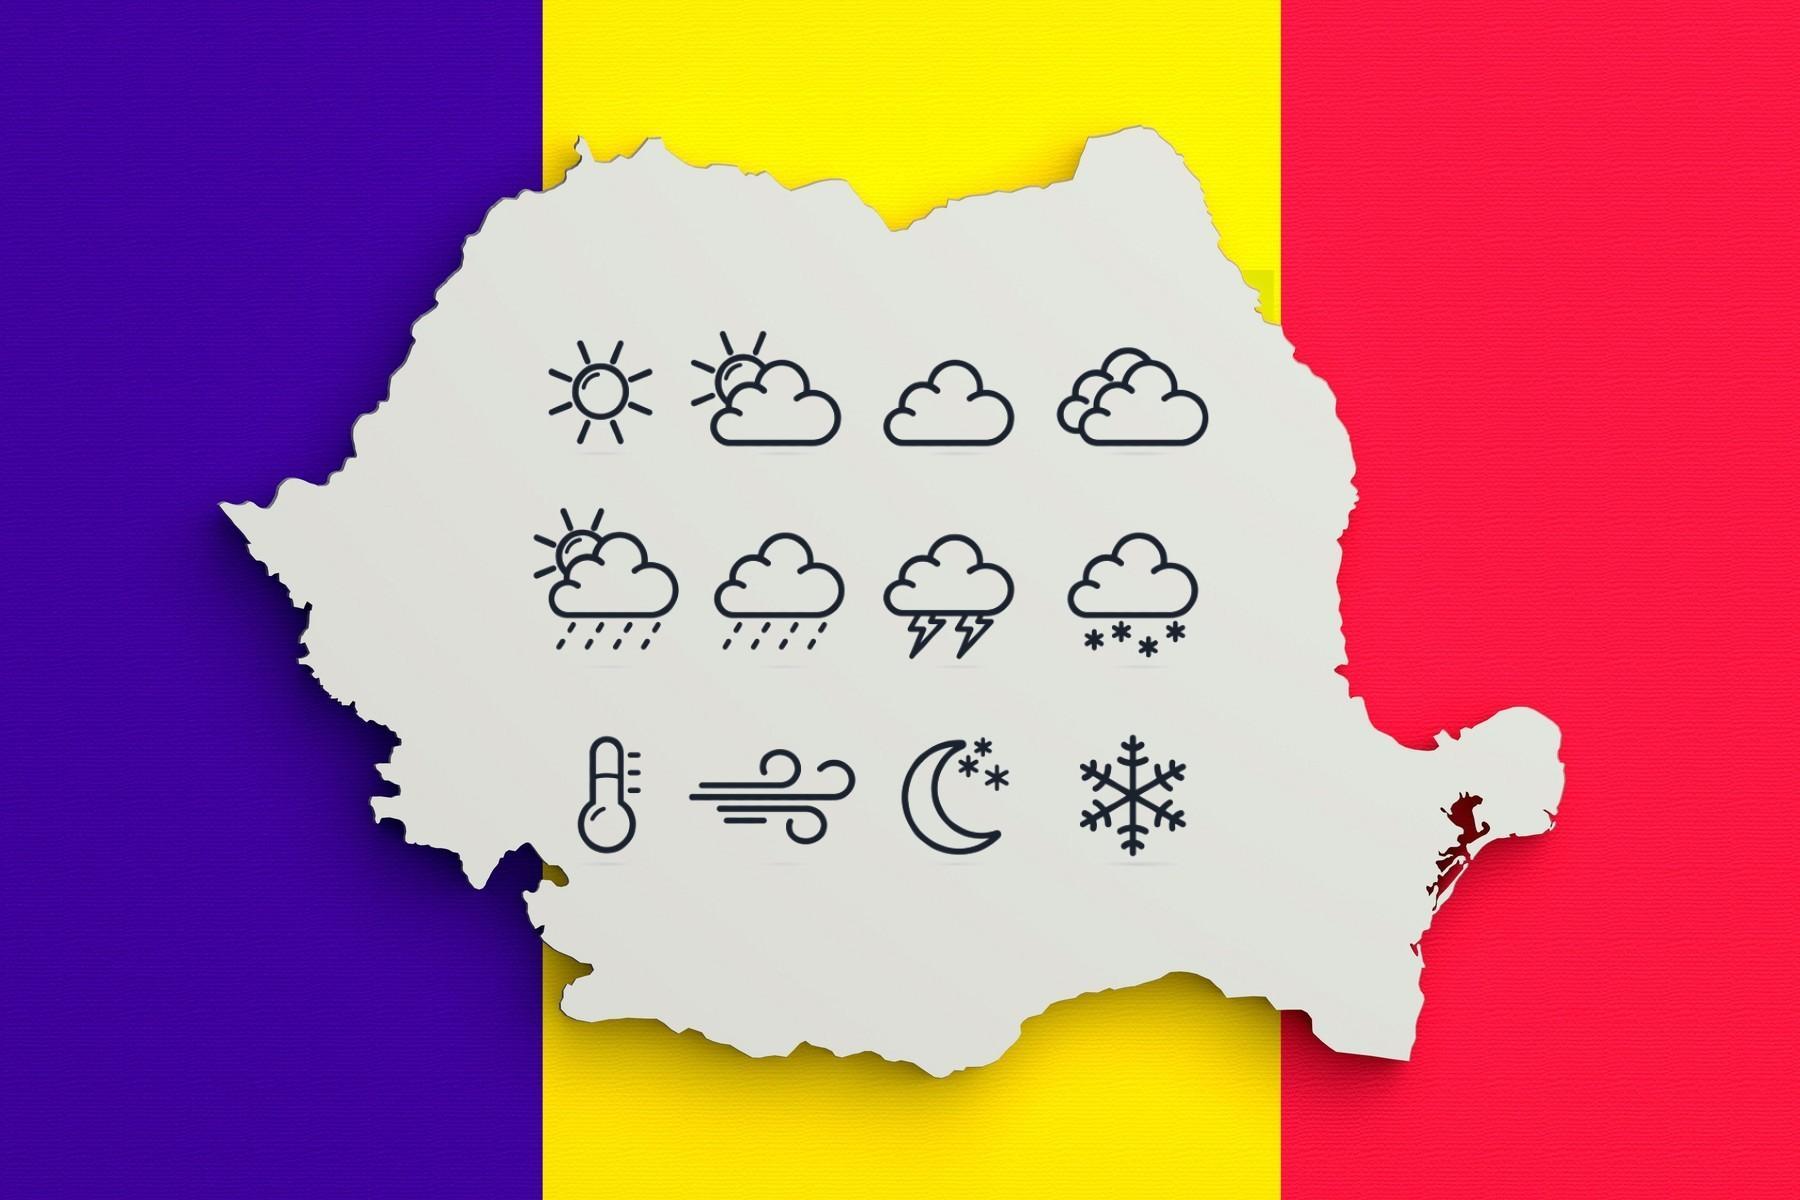 Prognoza meteo 12 februarie 2021. Cum e vremea în România și care sunt previziunile ANM pentru astăzi